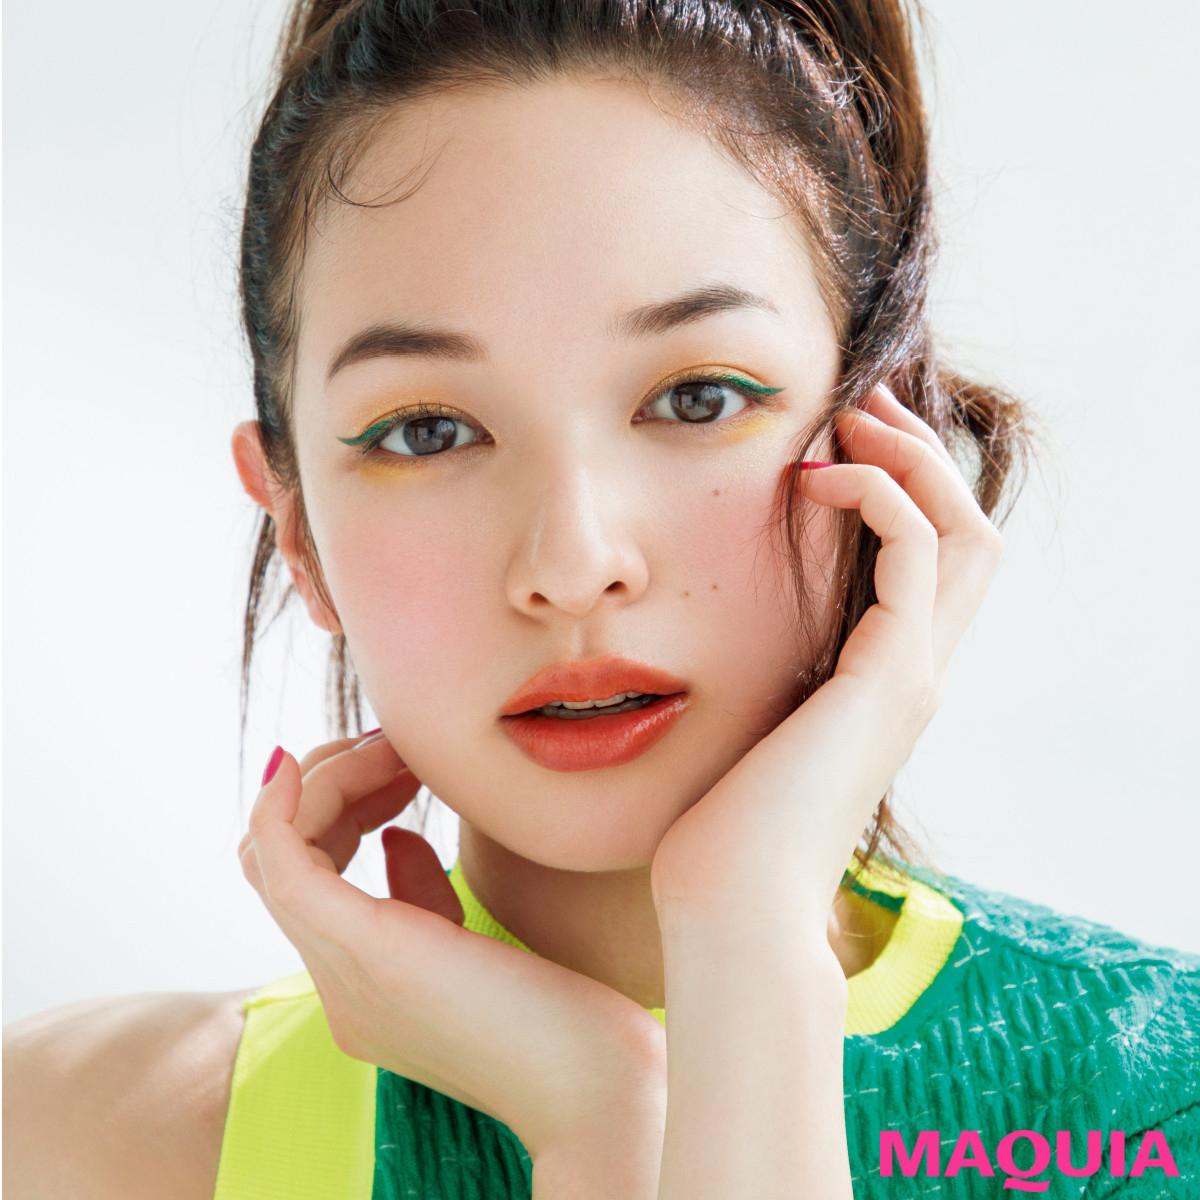 ルナソルの夏新色はグリーン×イエローがイチオシ! 千吉良さんが提案する夏顔メイク